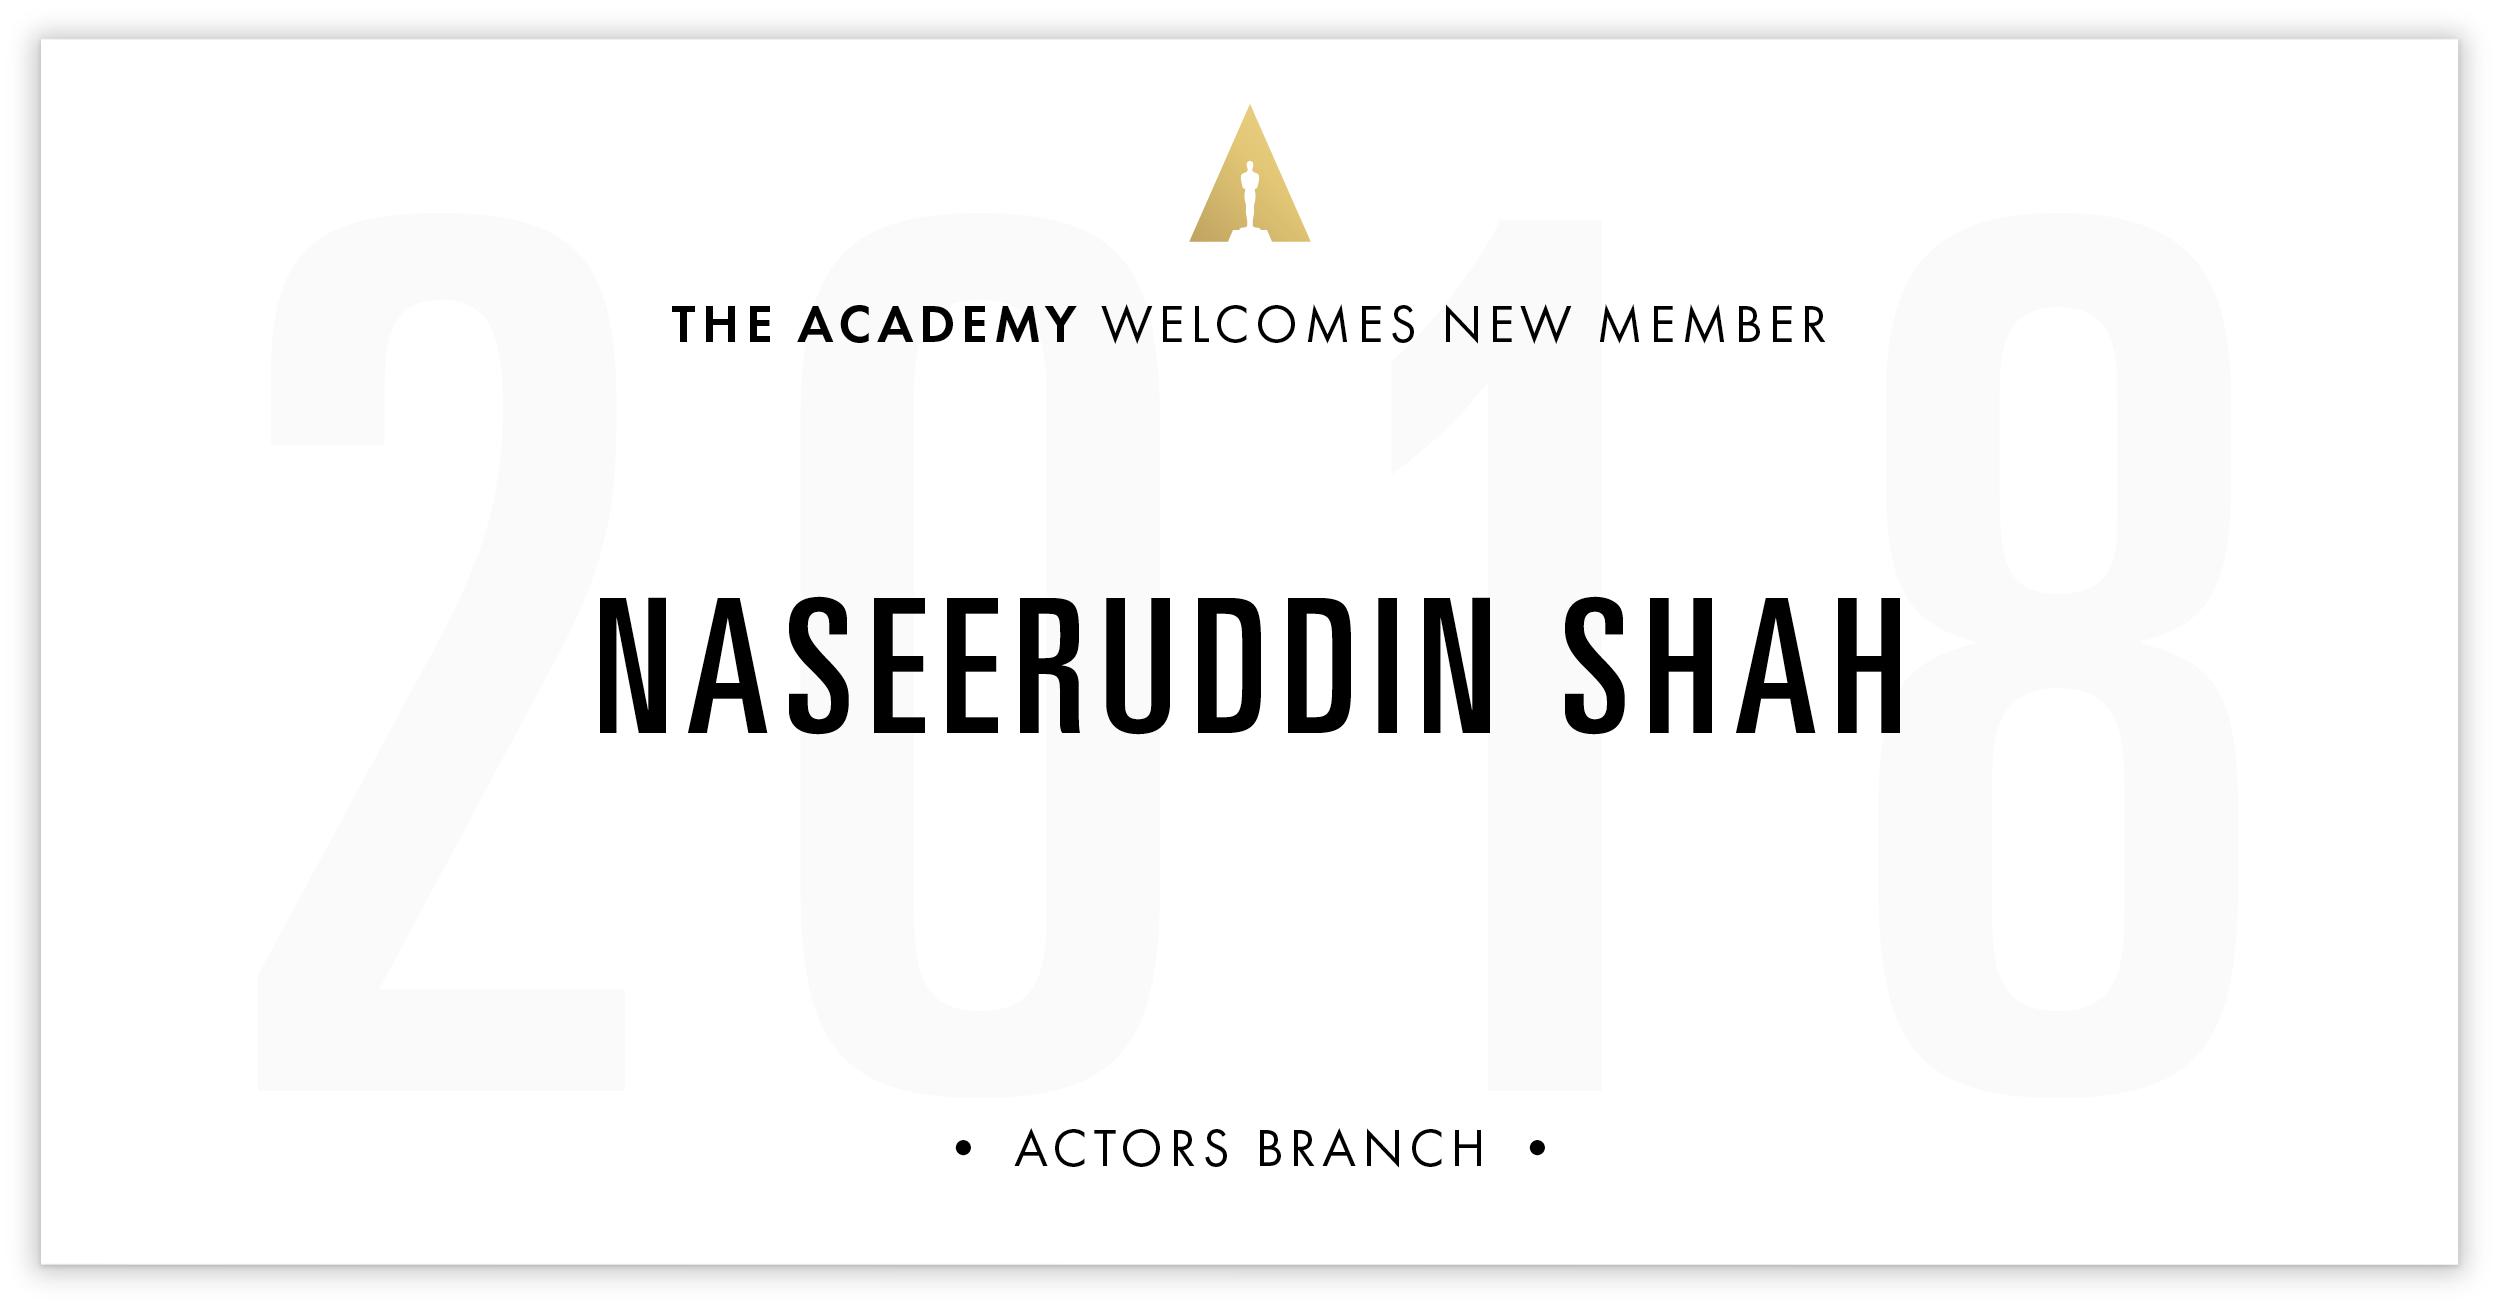 Naseeruddin Shah is invited!